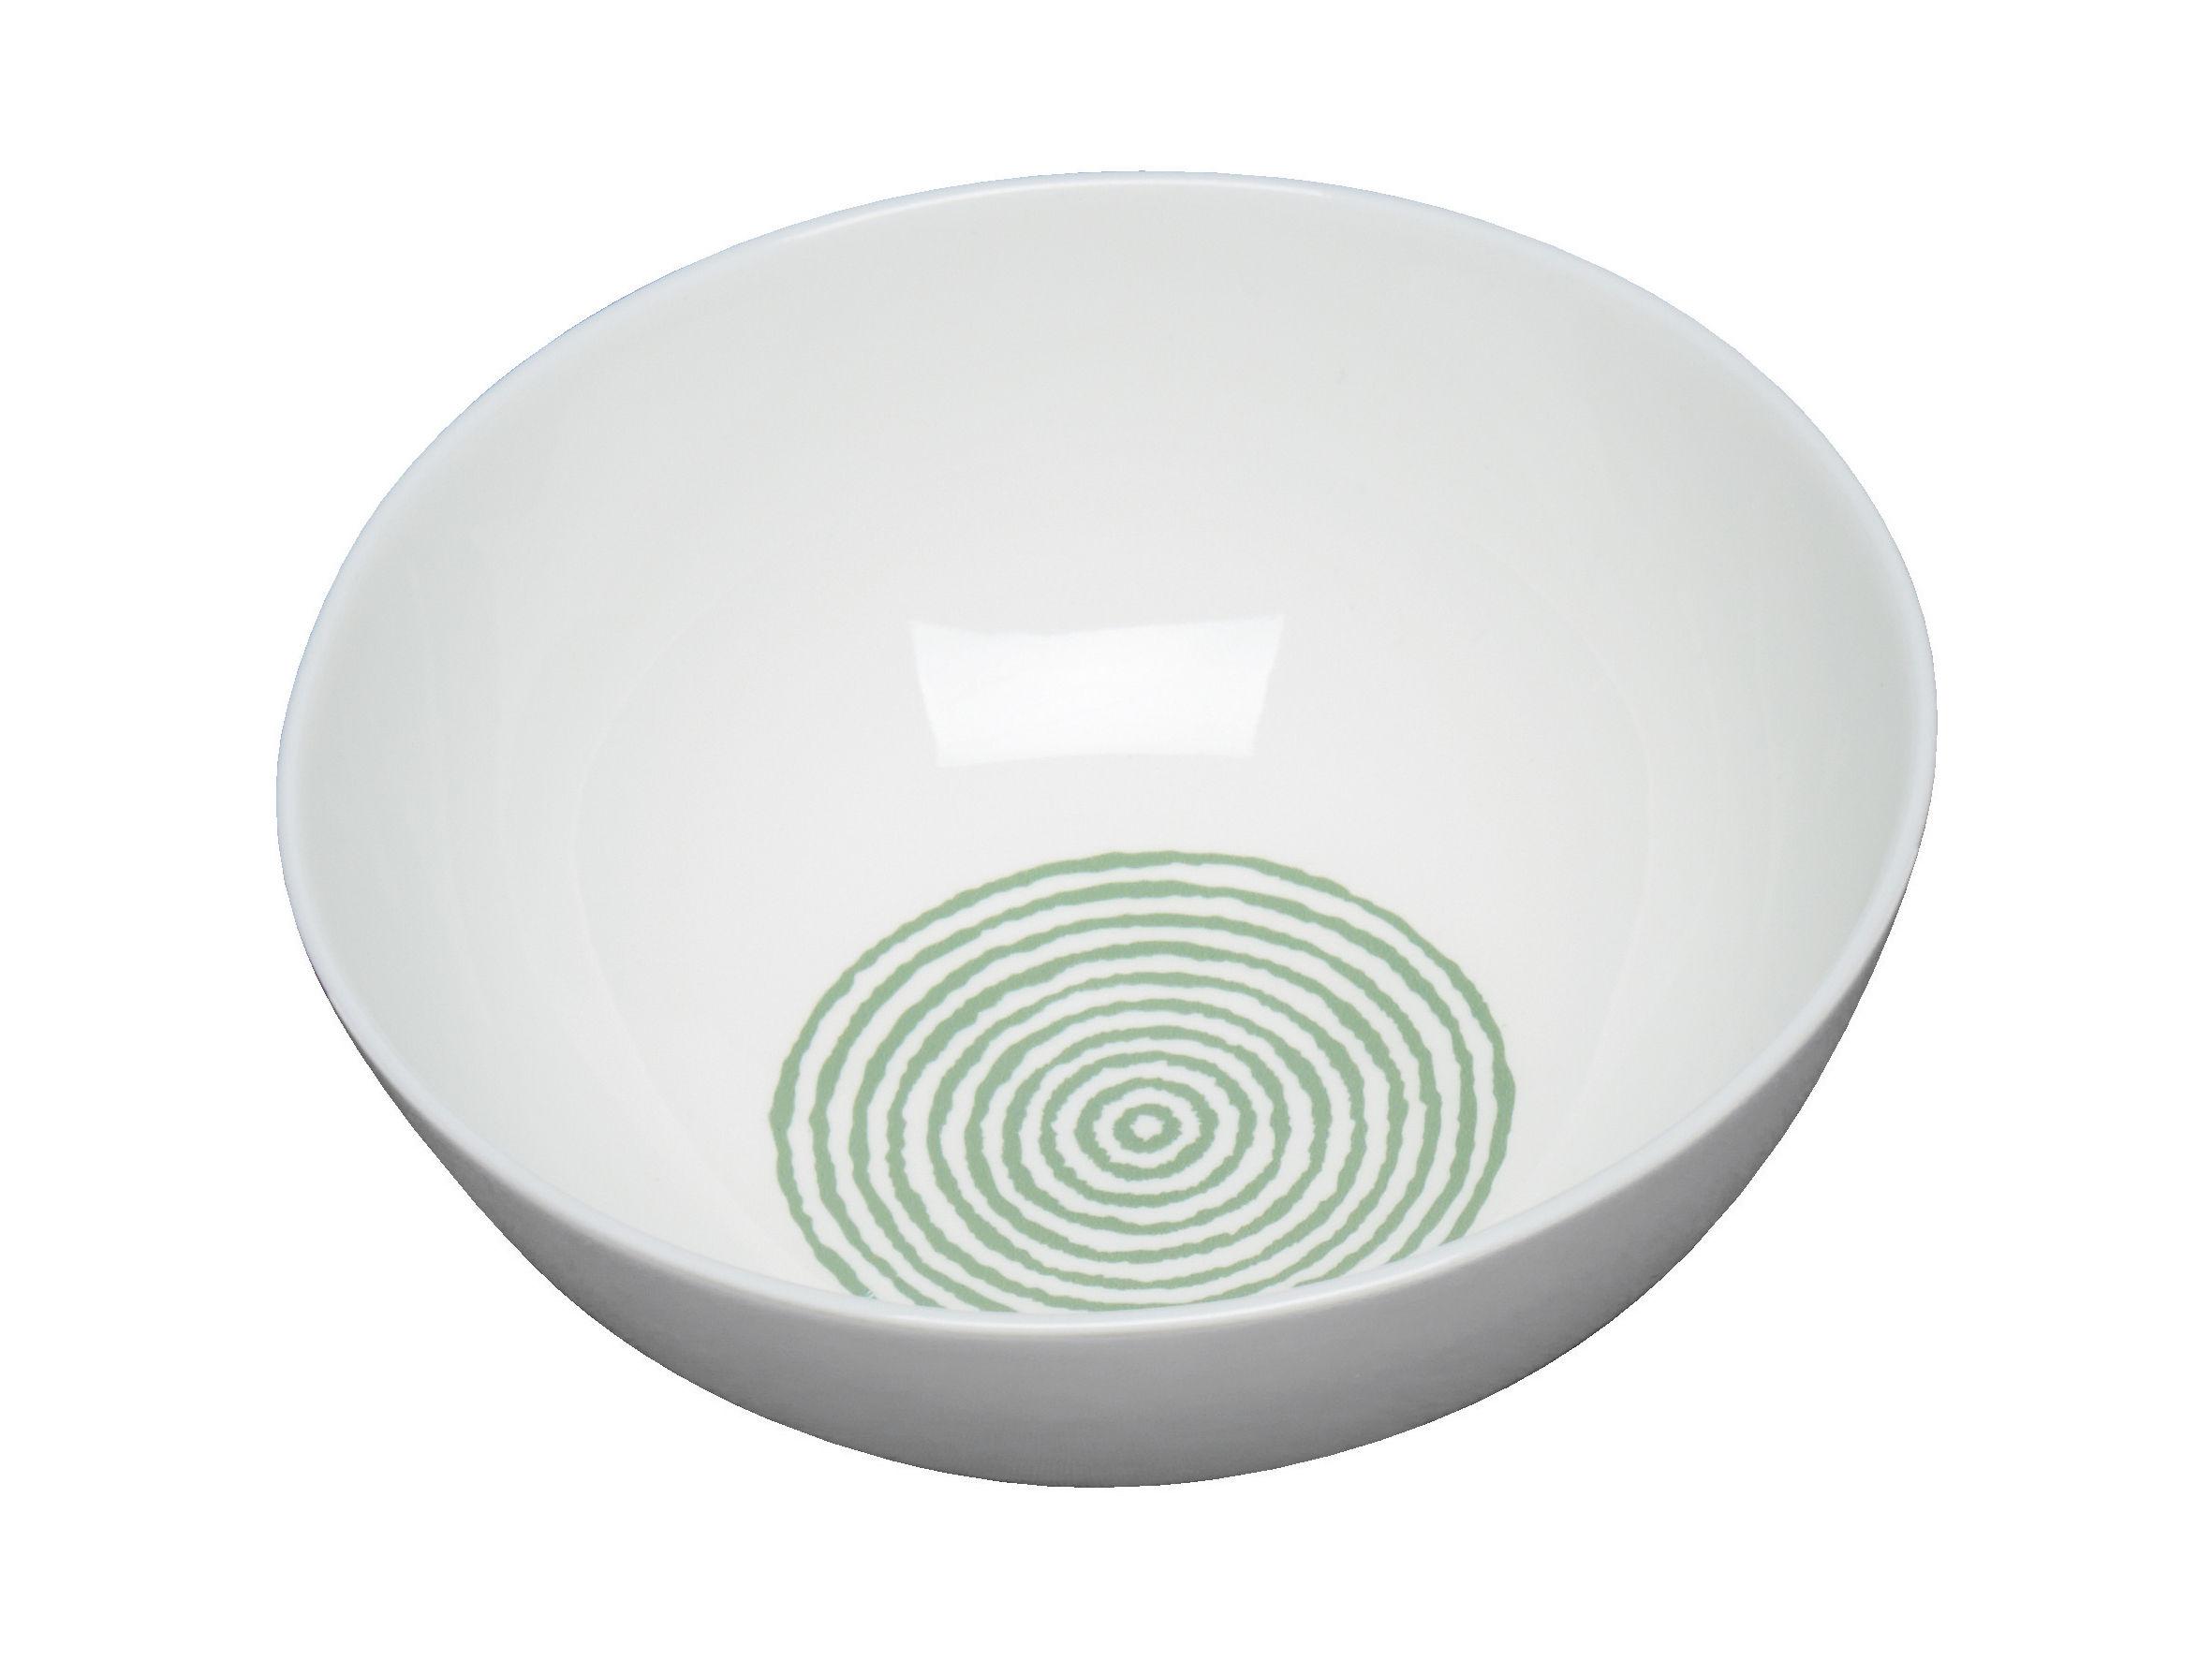 Arts de la table - Saladiers, coupes et bols - Bol Acquerello Ø 16,5 cm - A di Alessi - Blanc & vert - Porcelaine Bone China